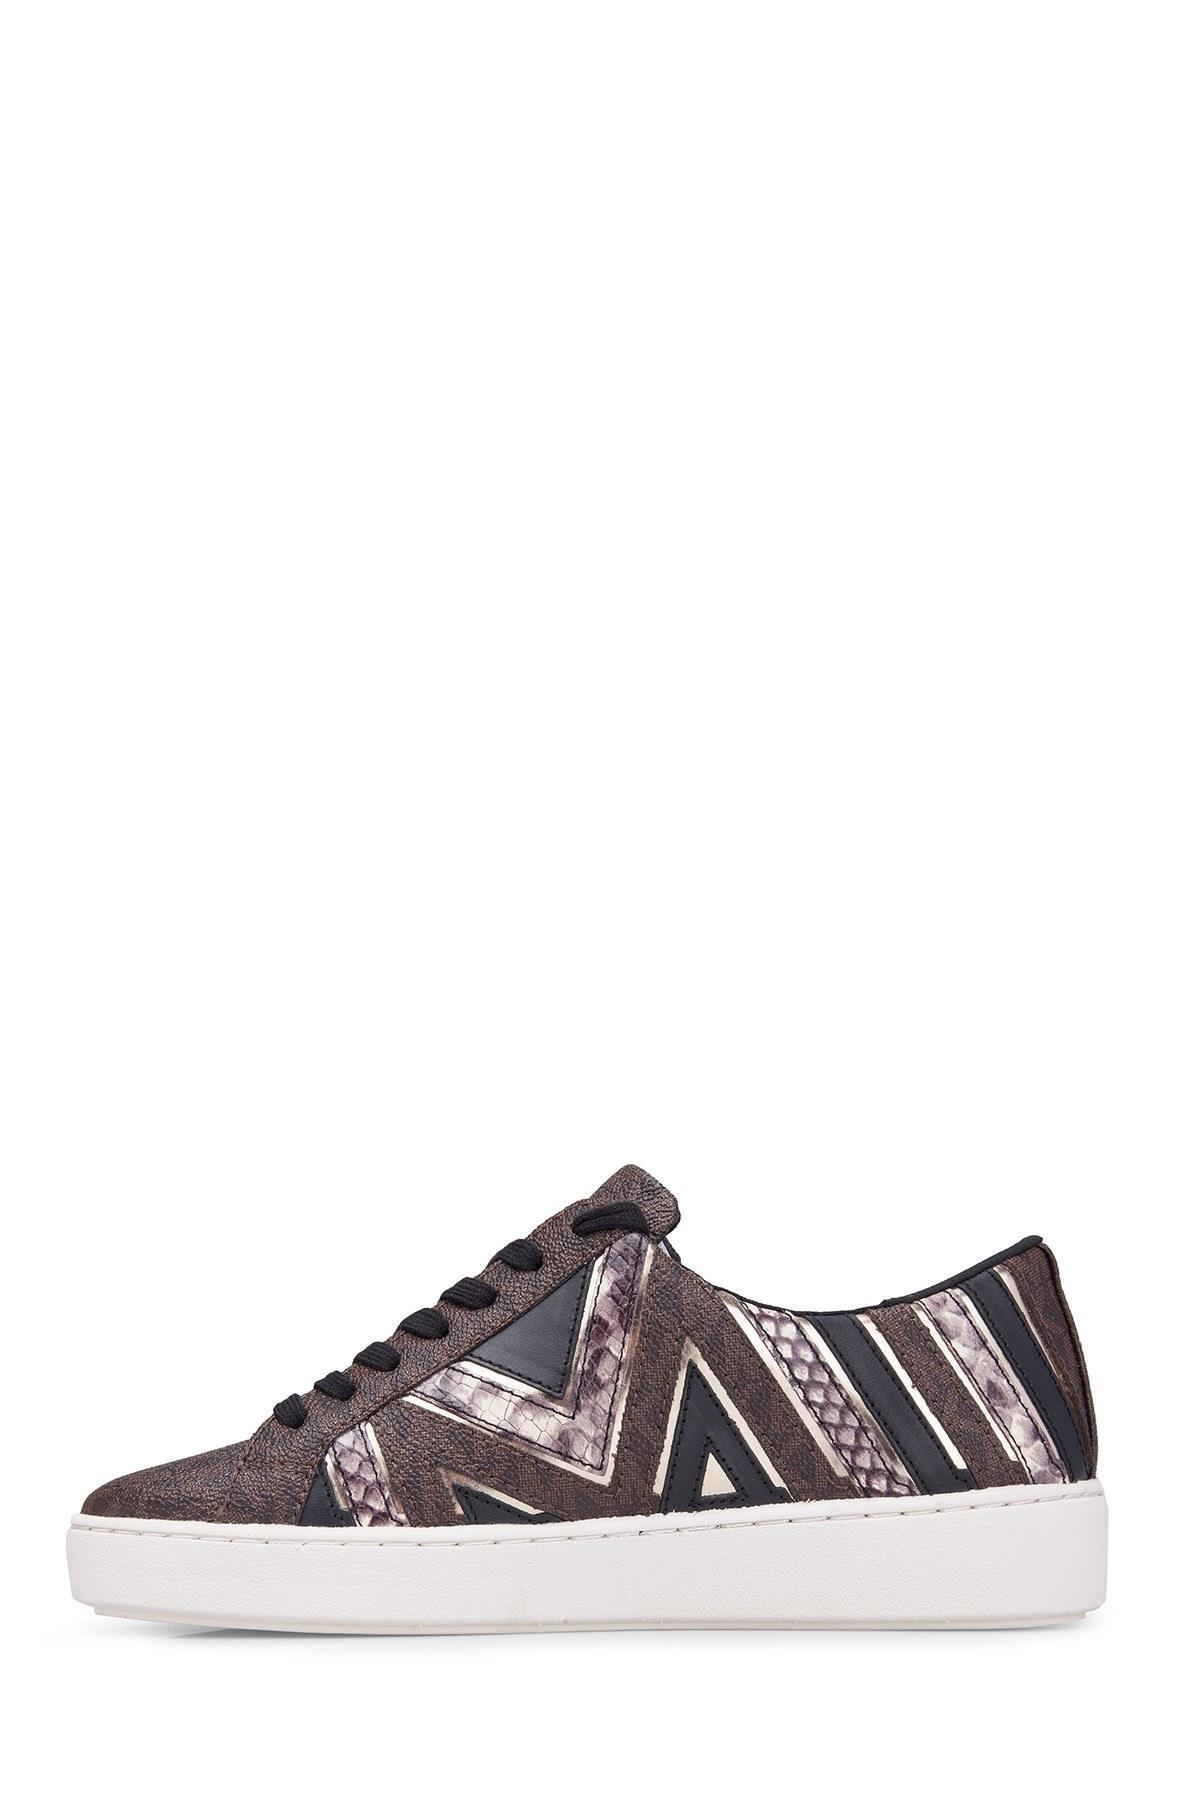 MICHAEL KORS Kadın Ayakkabı 43R9WHFS1B 779 KAHVE